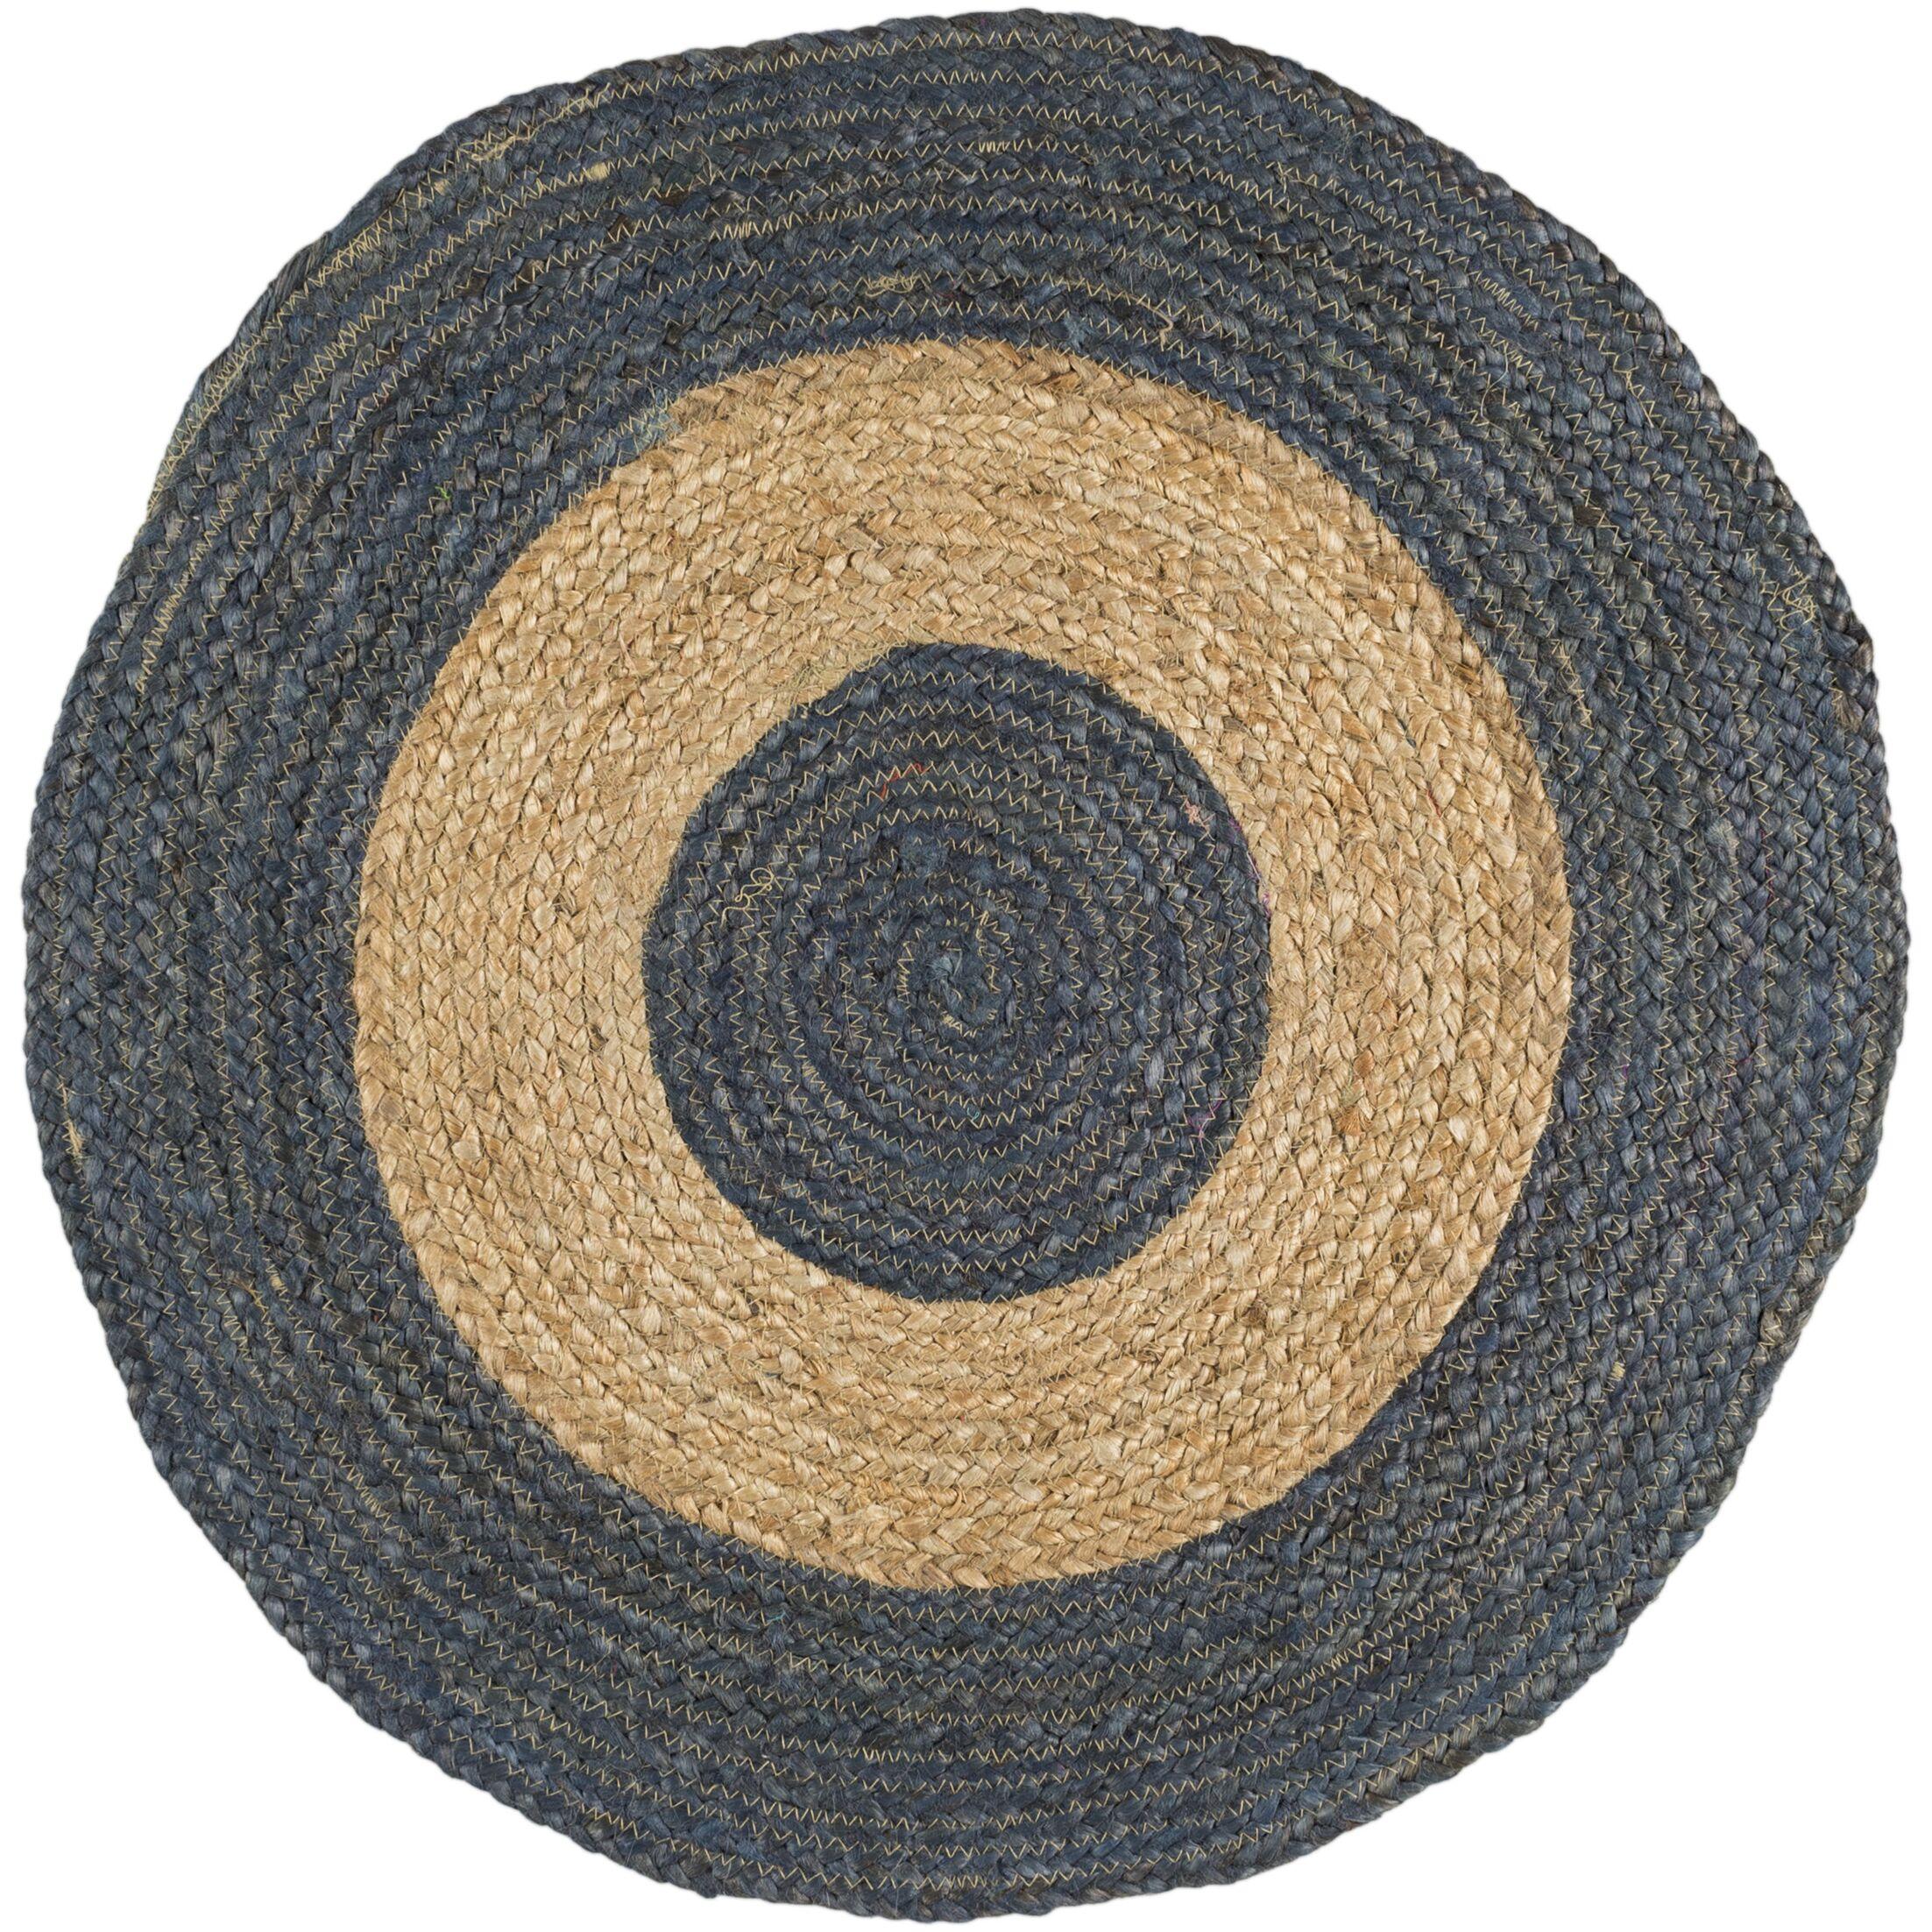 Koppel Hand-Woven Dark Blue/Beige Area Rug Rug Size: Round 5'